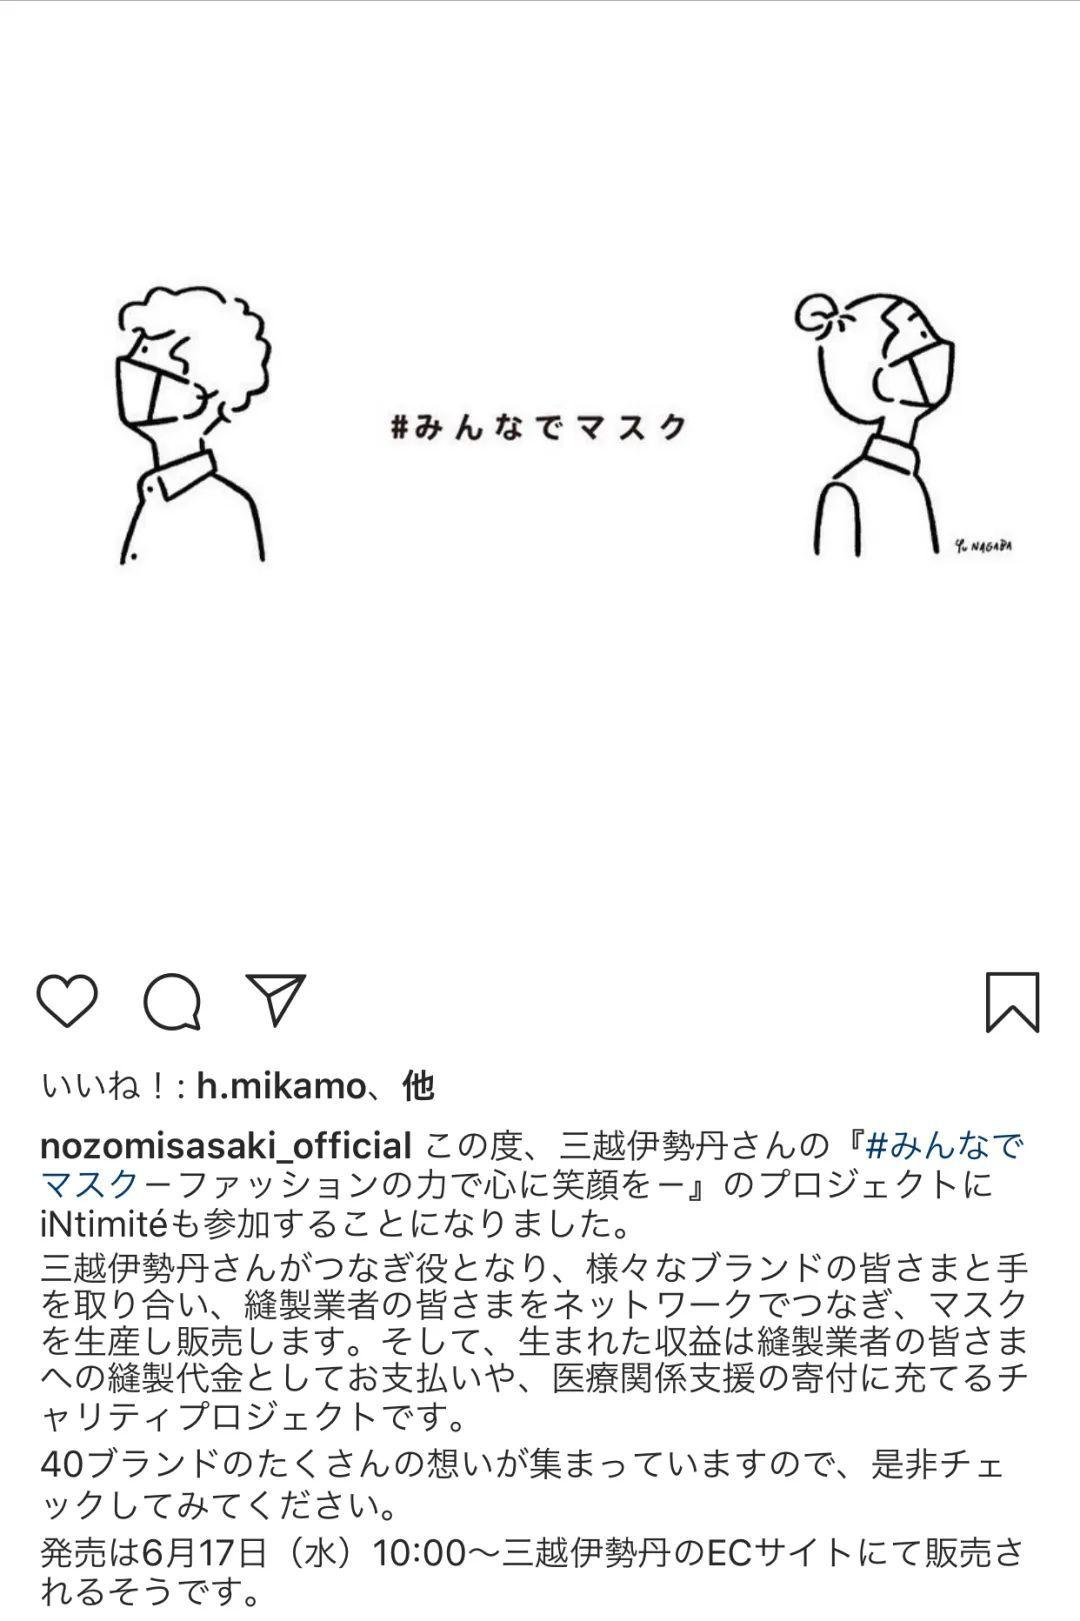 佐佐木希老公因丑闻暂停出演全部电视节目!_图片 No.5